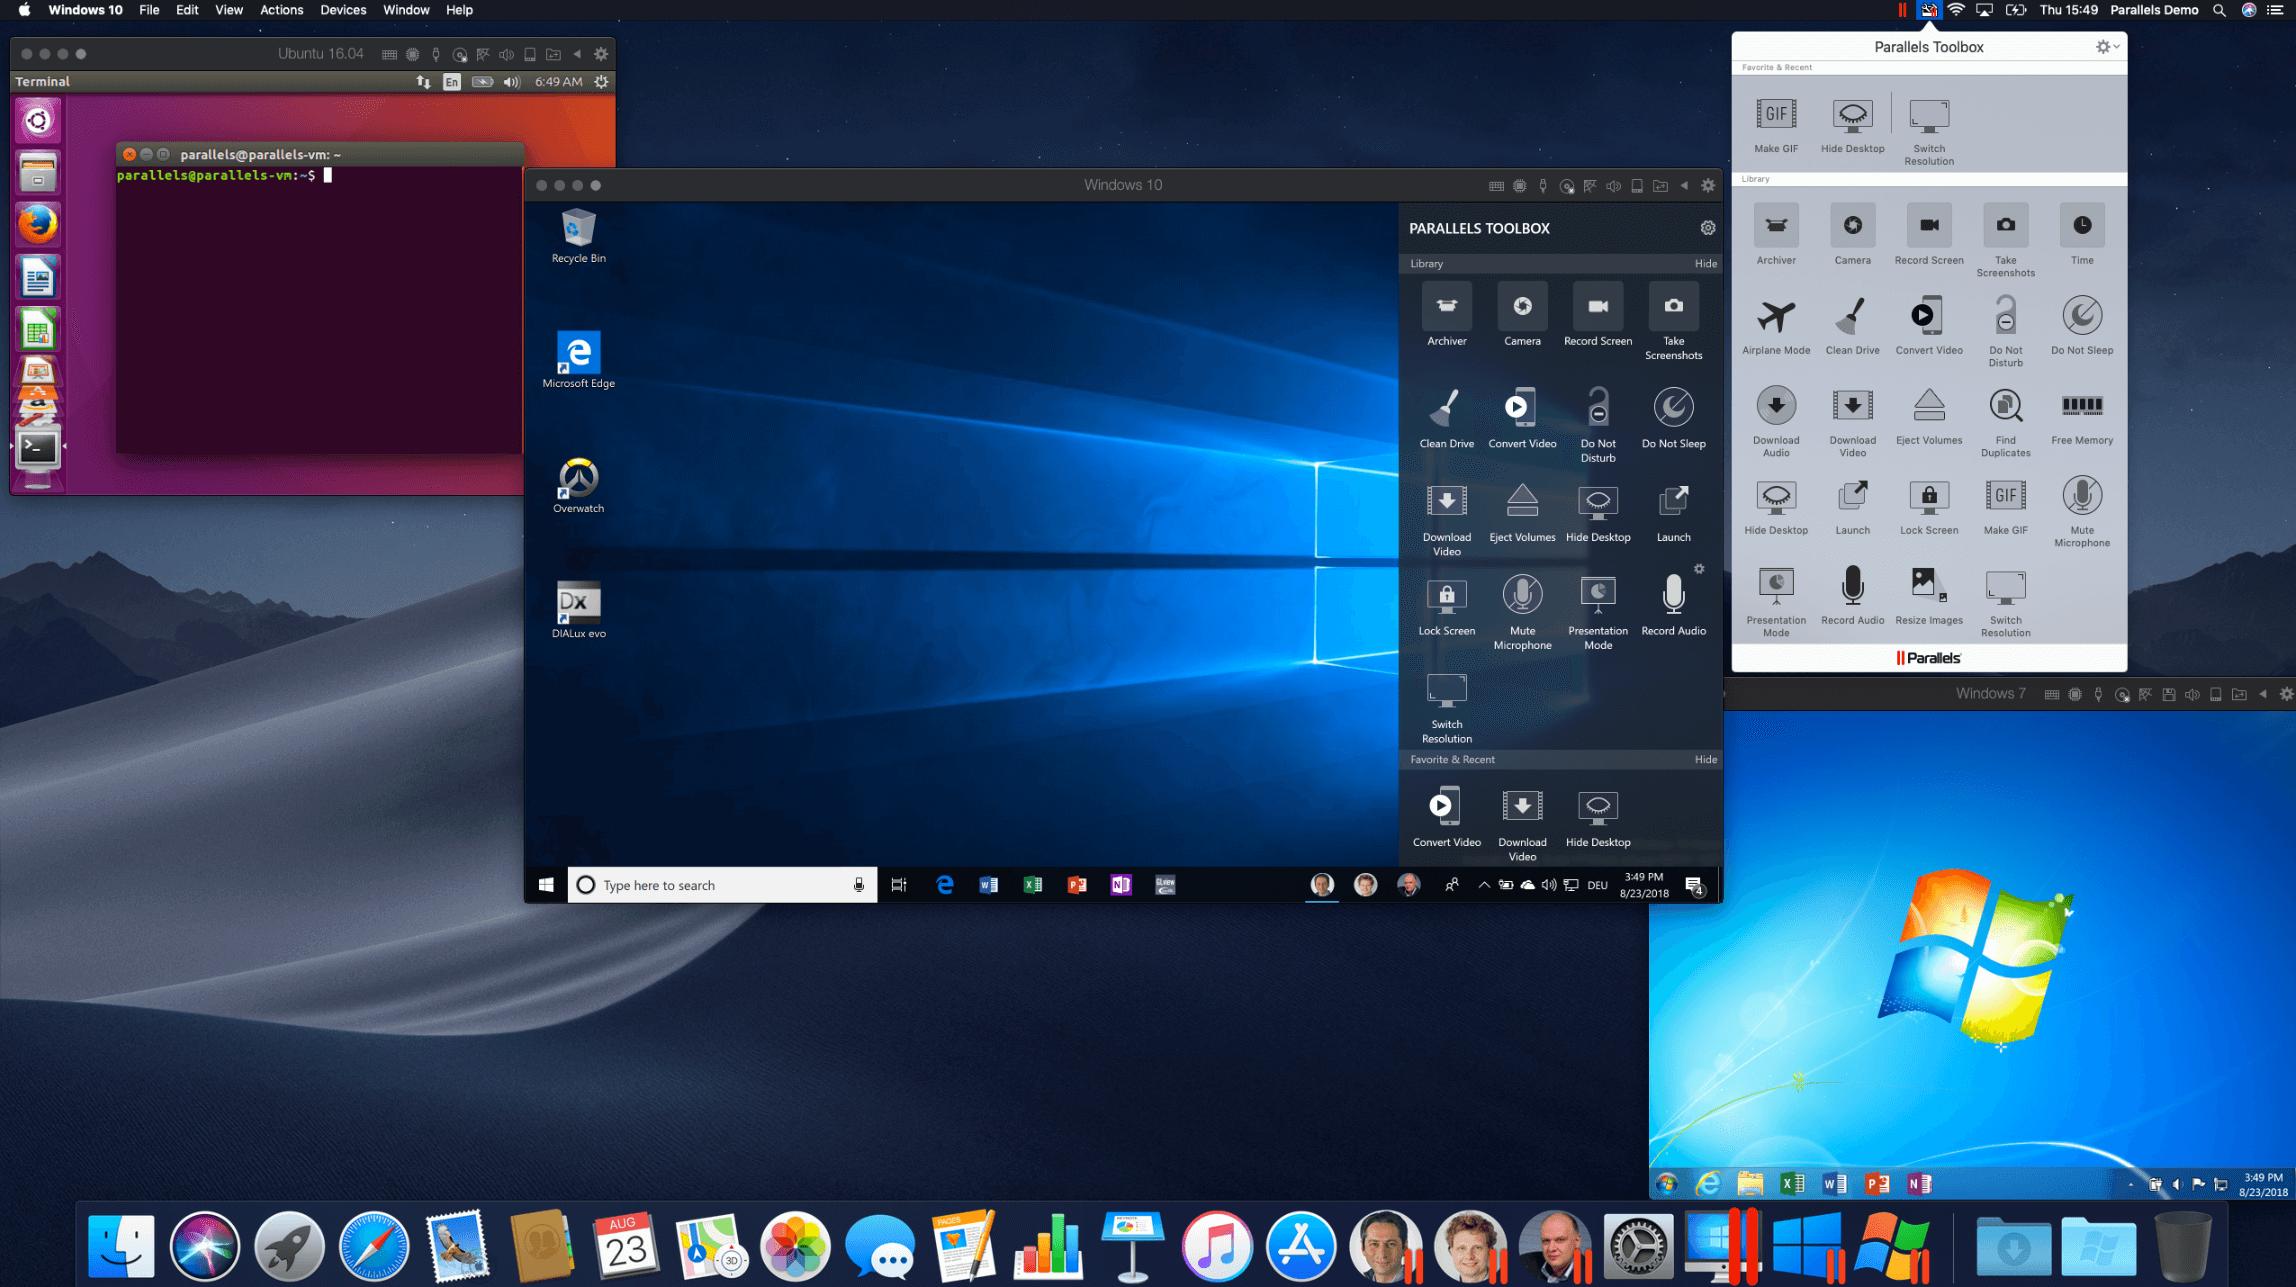 تجربه ی یه ویندوزی با مک + نصب ویندوز همزمان روی مک ! (یه راه حل کارساز)